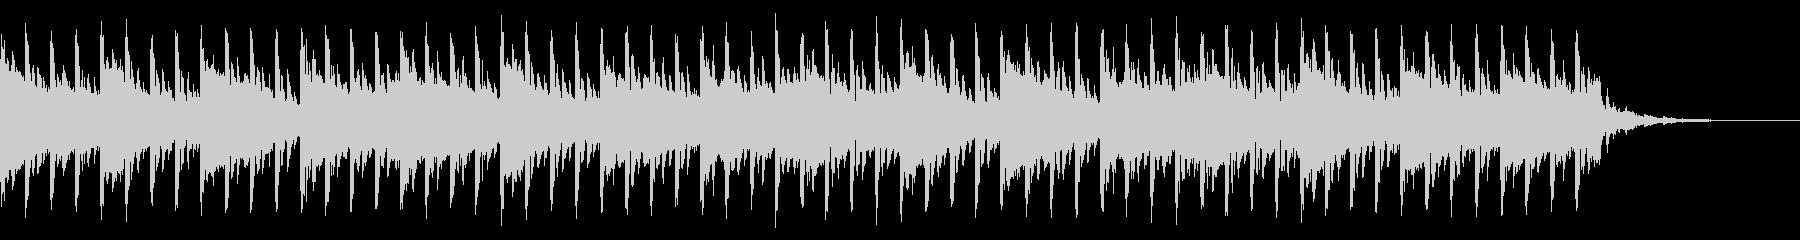 医学のインスピレーション(39秒)の未再生の波形